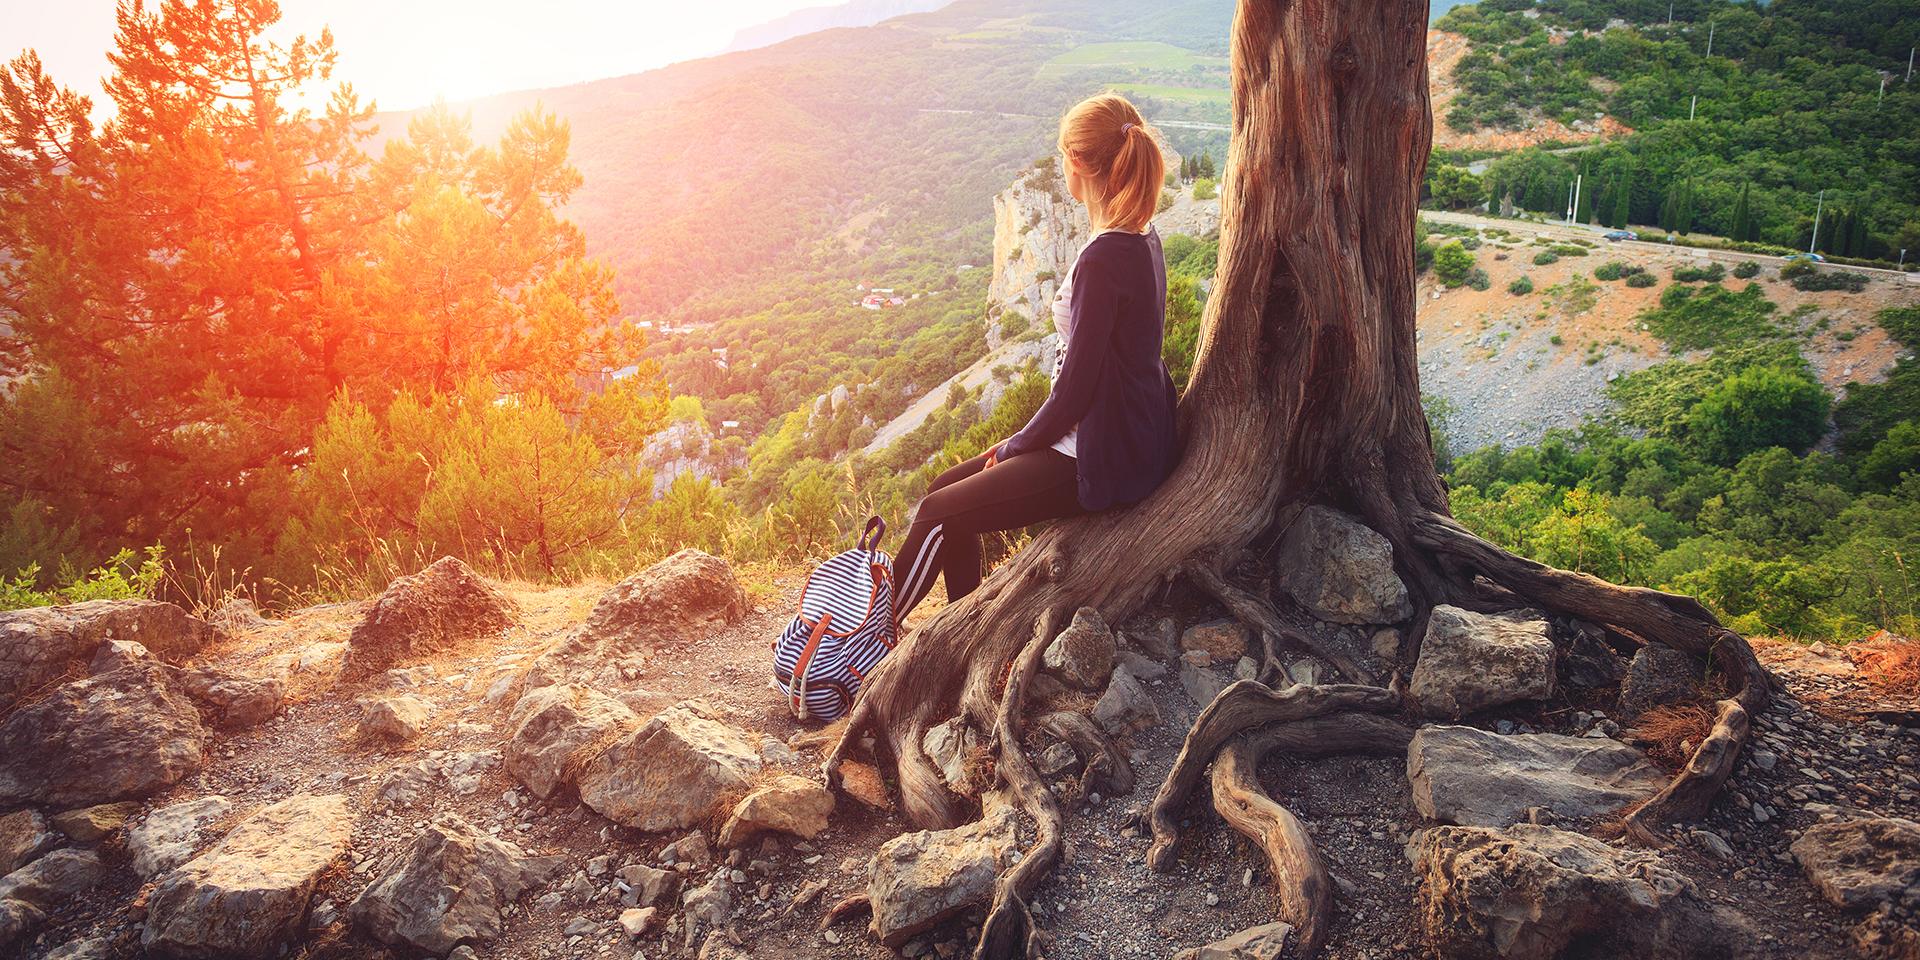 Junge Frau sitzt auf dem Wurzelwerk eines Baumes und blickt in die Weite